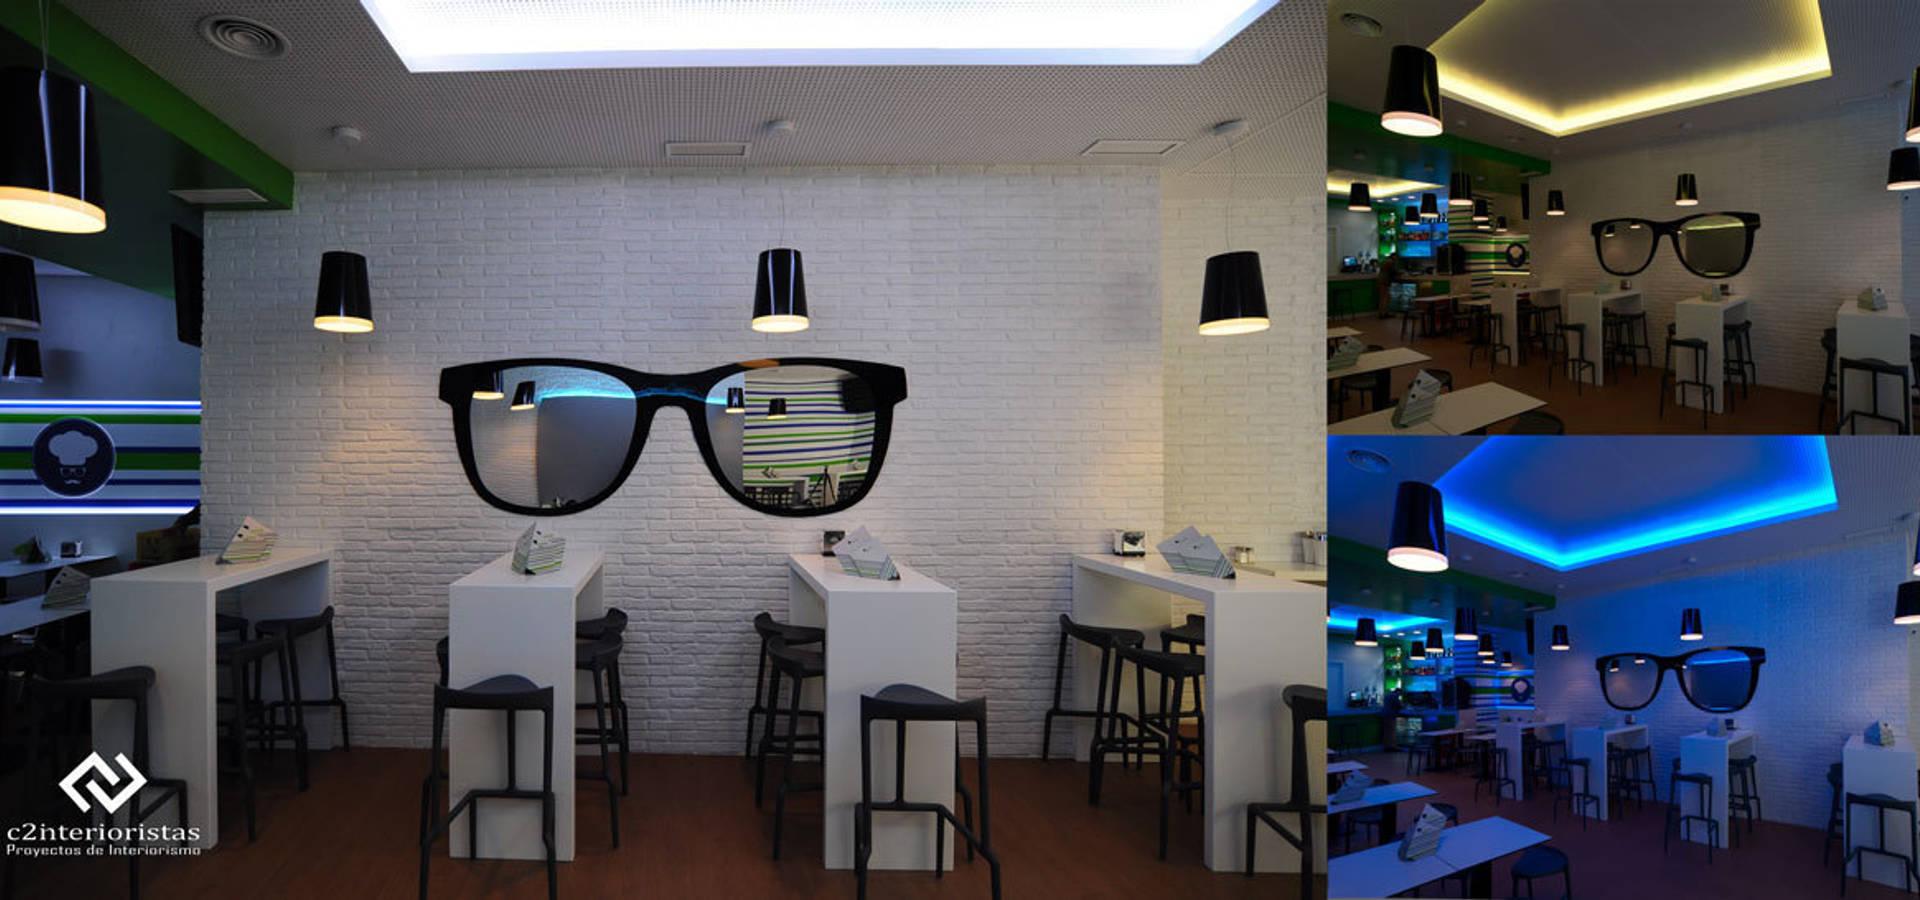 C2interioristas decoradores y dise adores de interiores - Decoradores de interiores en bilbao ...